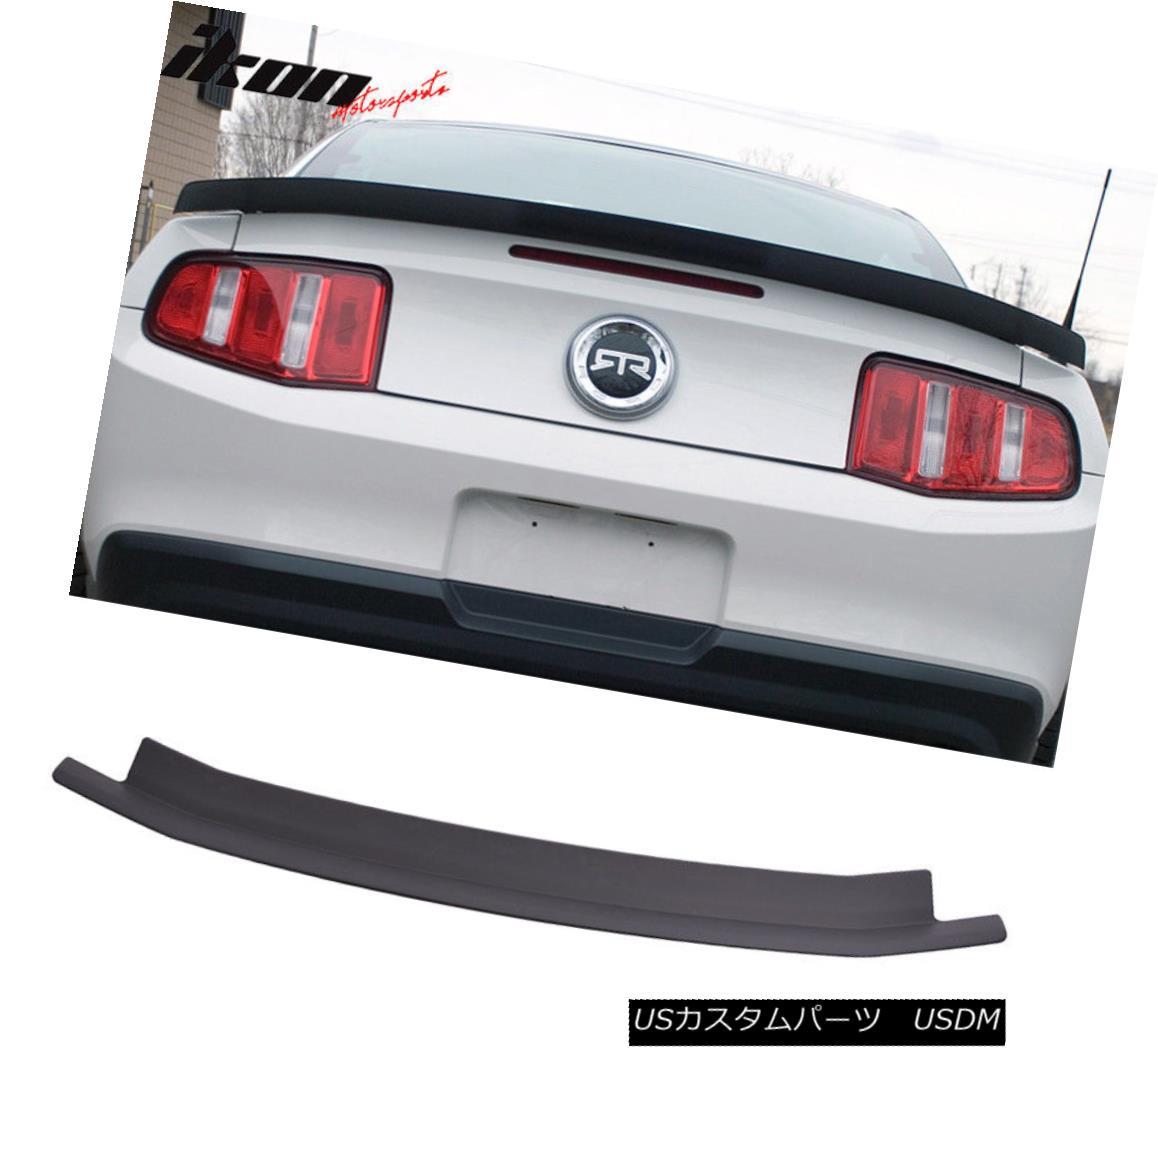 エアロパーツ 10-14 Ford Mustang Unpainted Trunk Spoiler Wing - ABS 10-14フォードマスタング未塗装トランク・スポイラー・ウィング - ABS